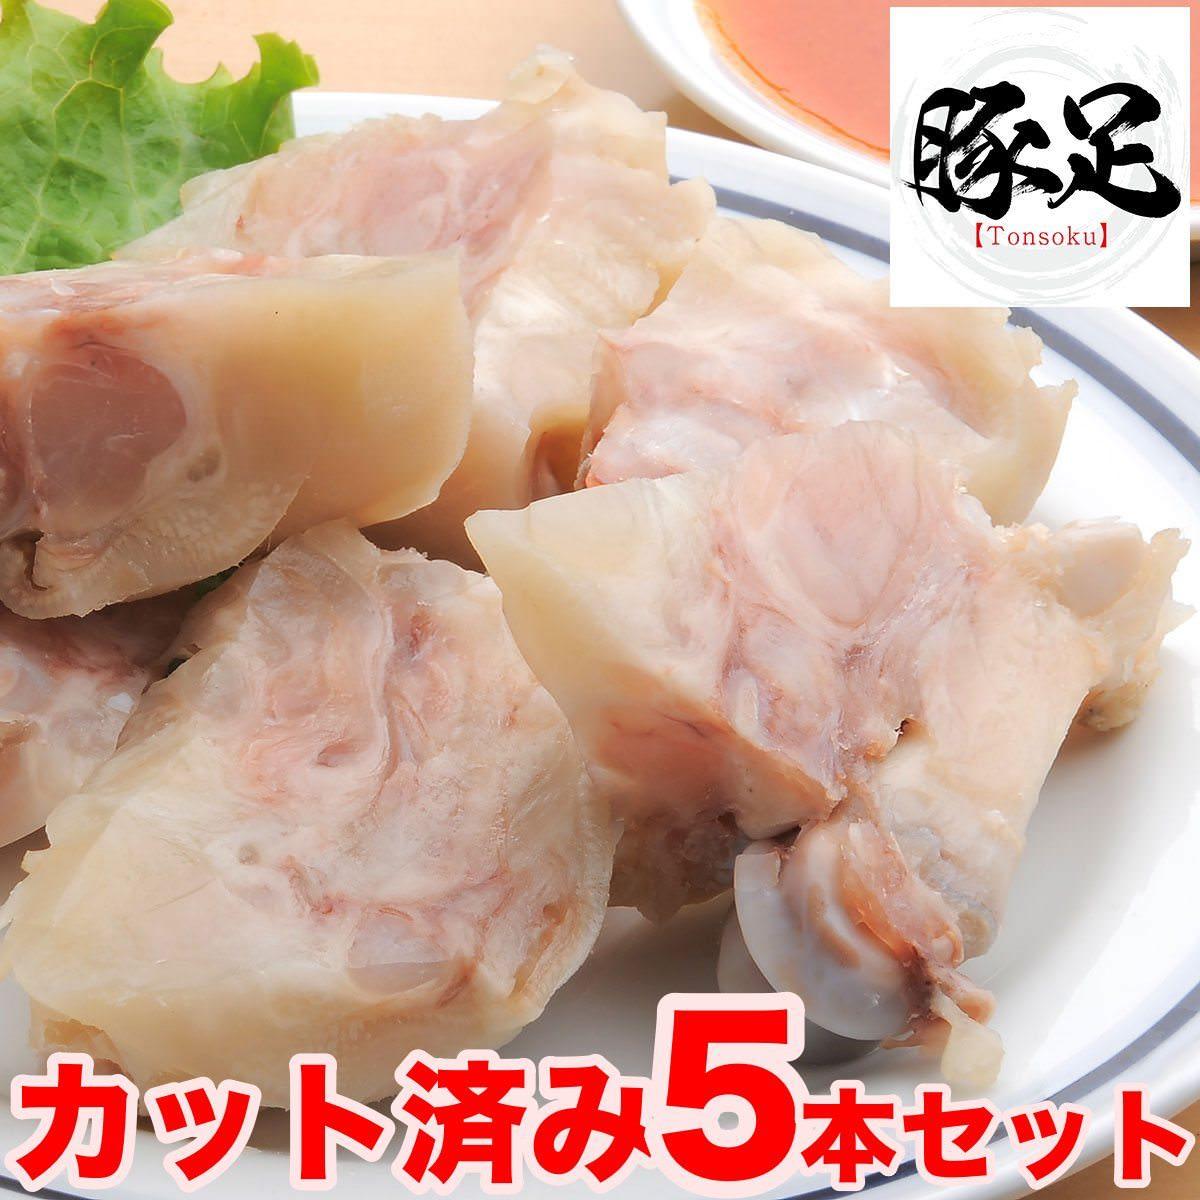 チャンジャ300g+豚足5本セット